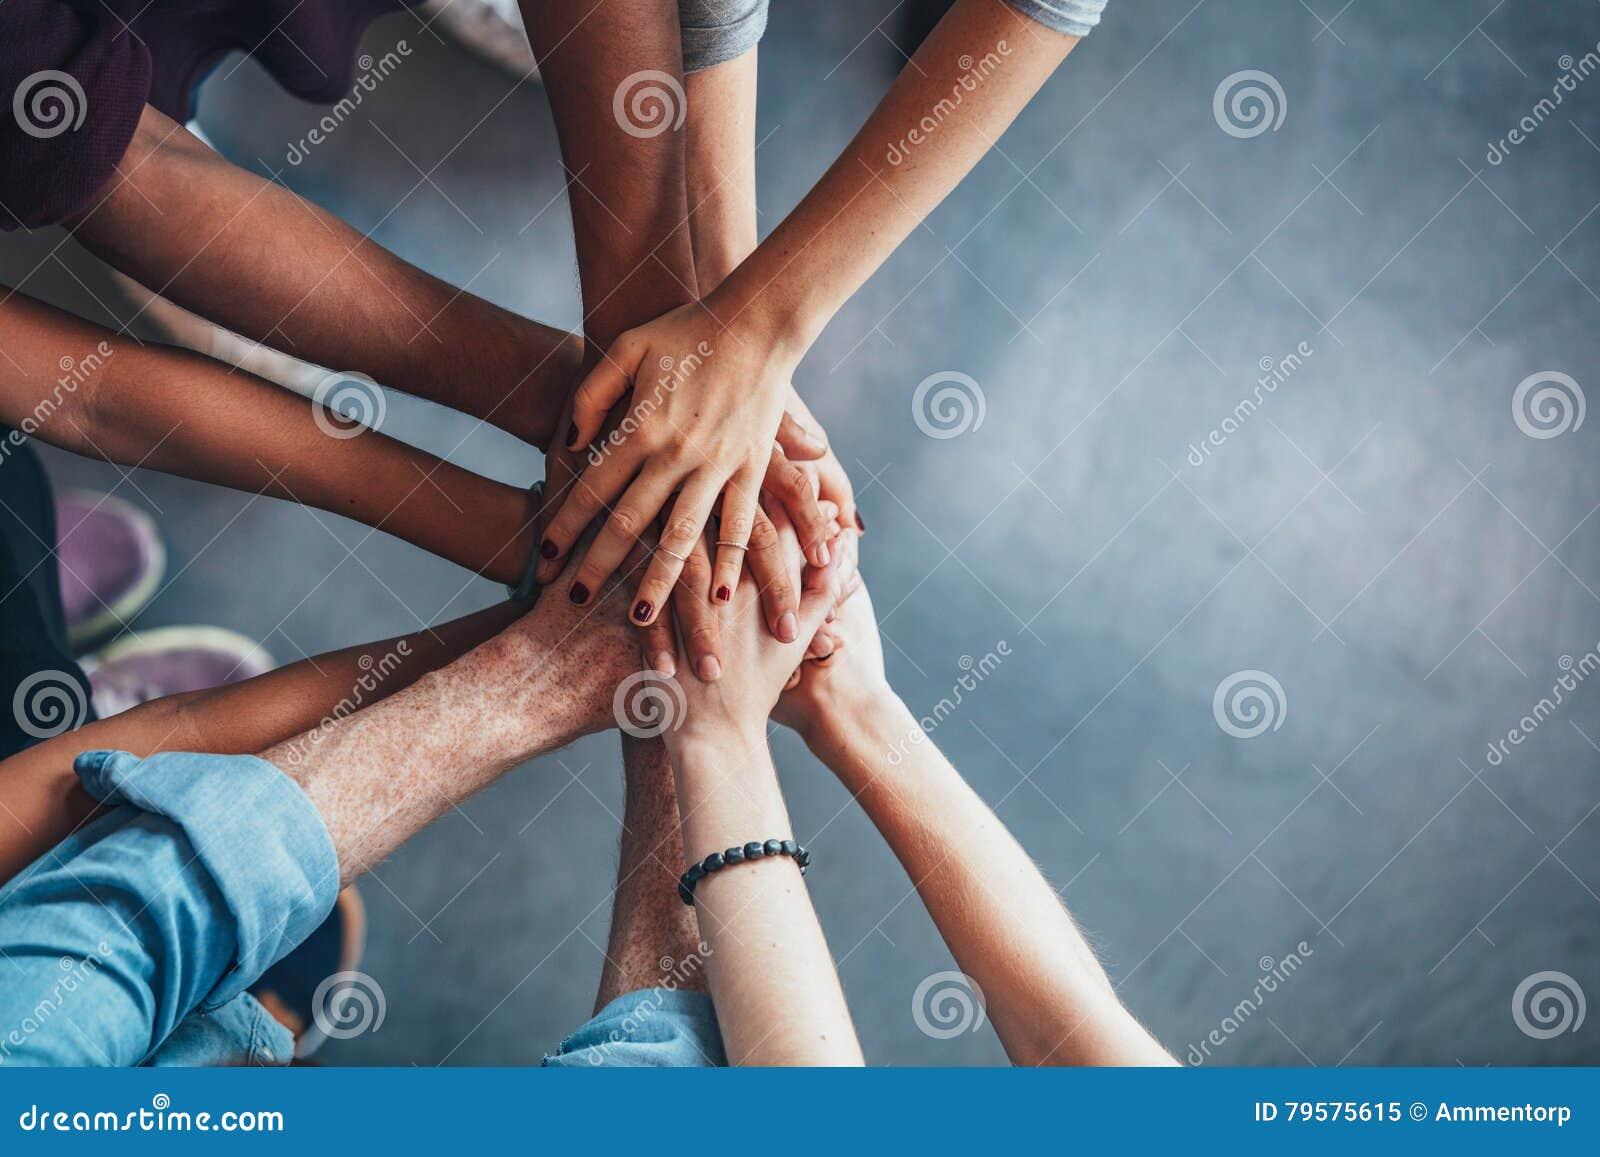 Pile de mains montrant l unité et le travail d équipe